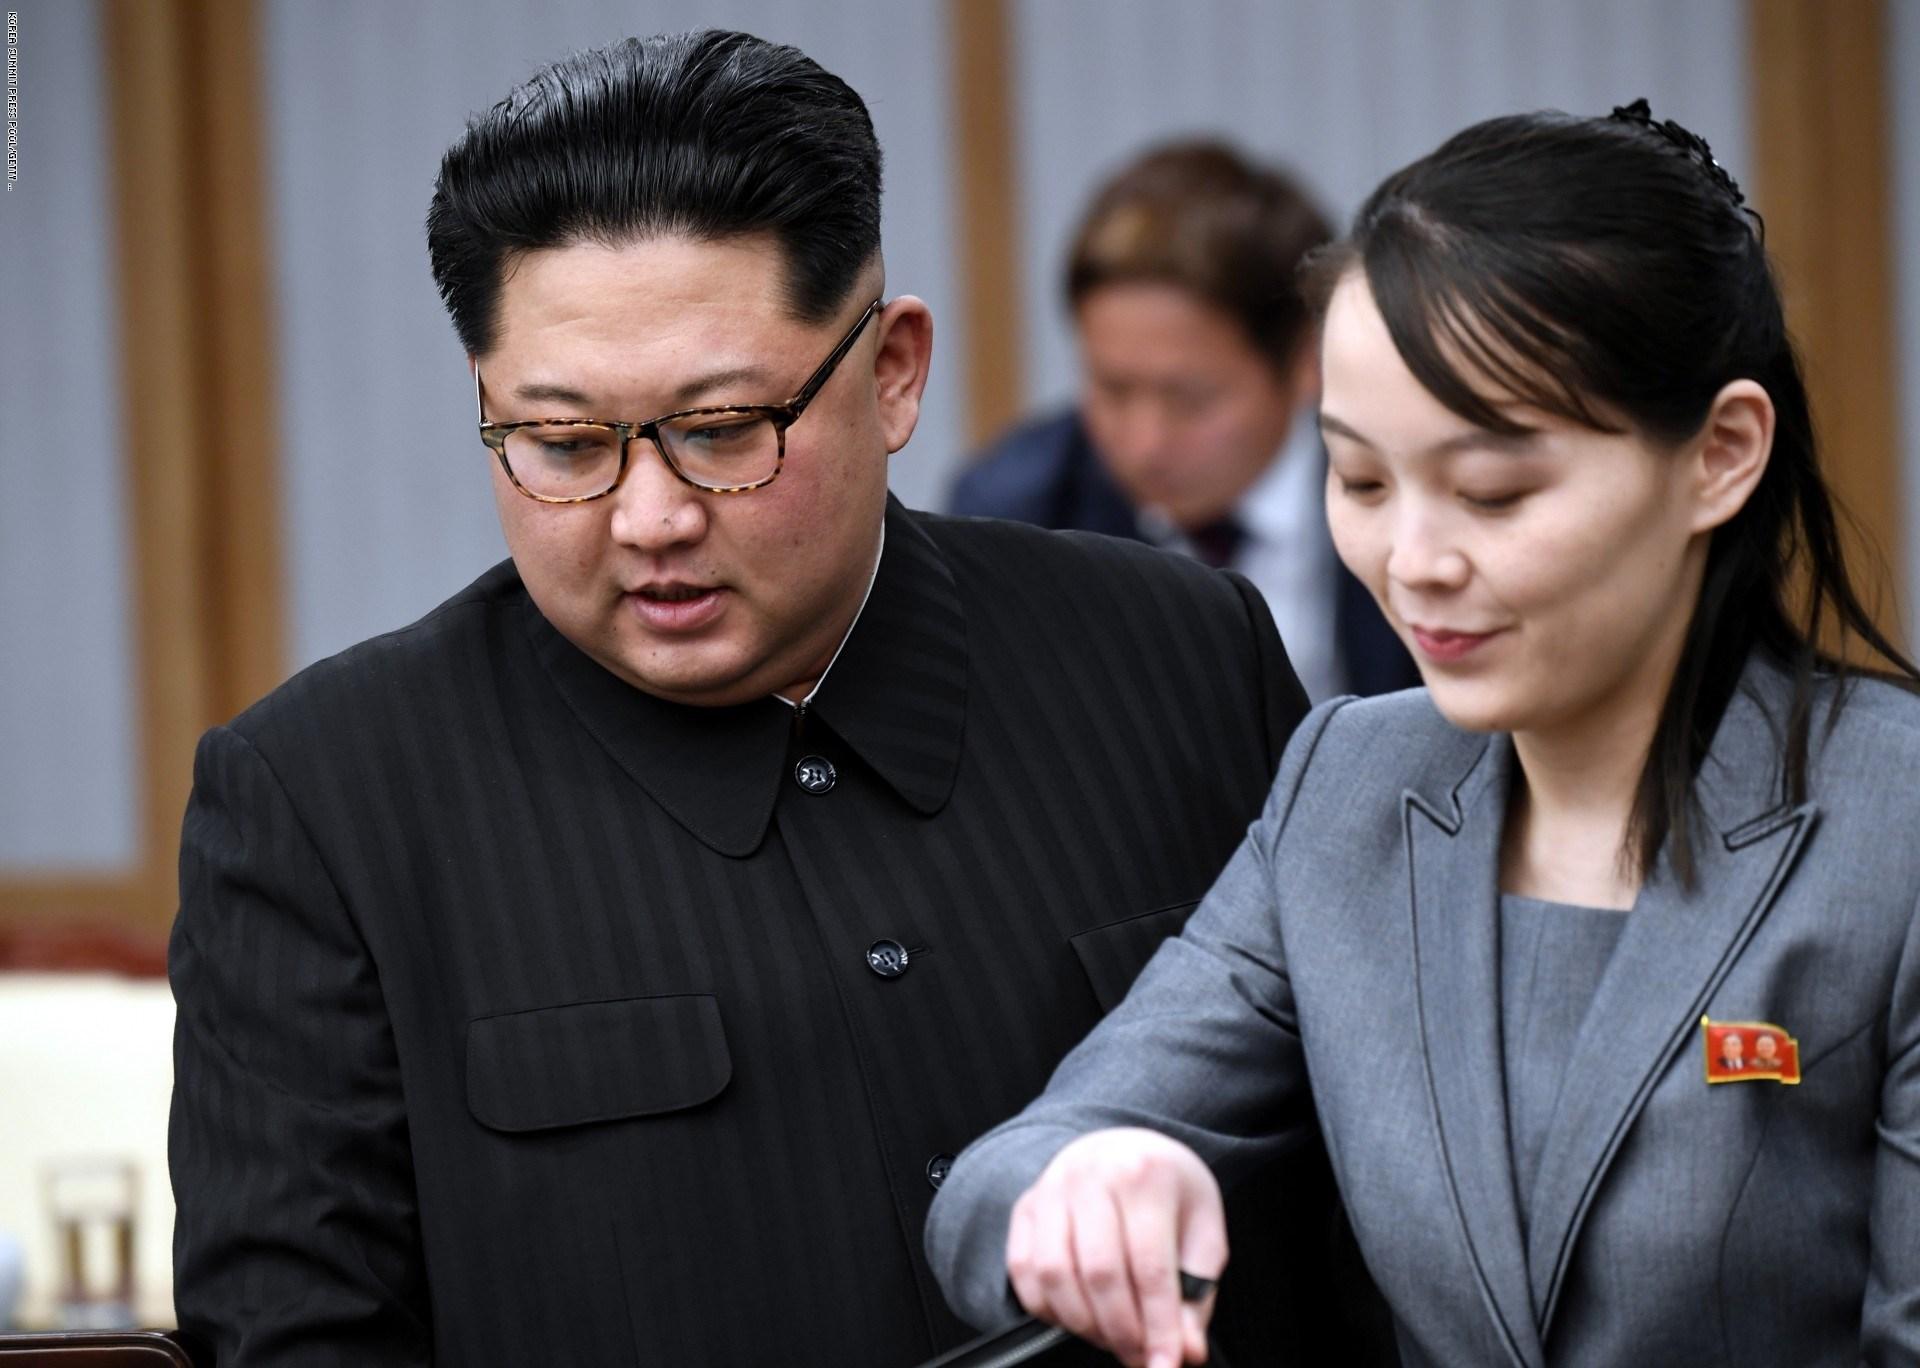 زعيم كوريا الشمالية كيم جونغ أون وشقيقته كيم يو جونغ